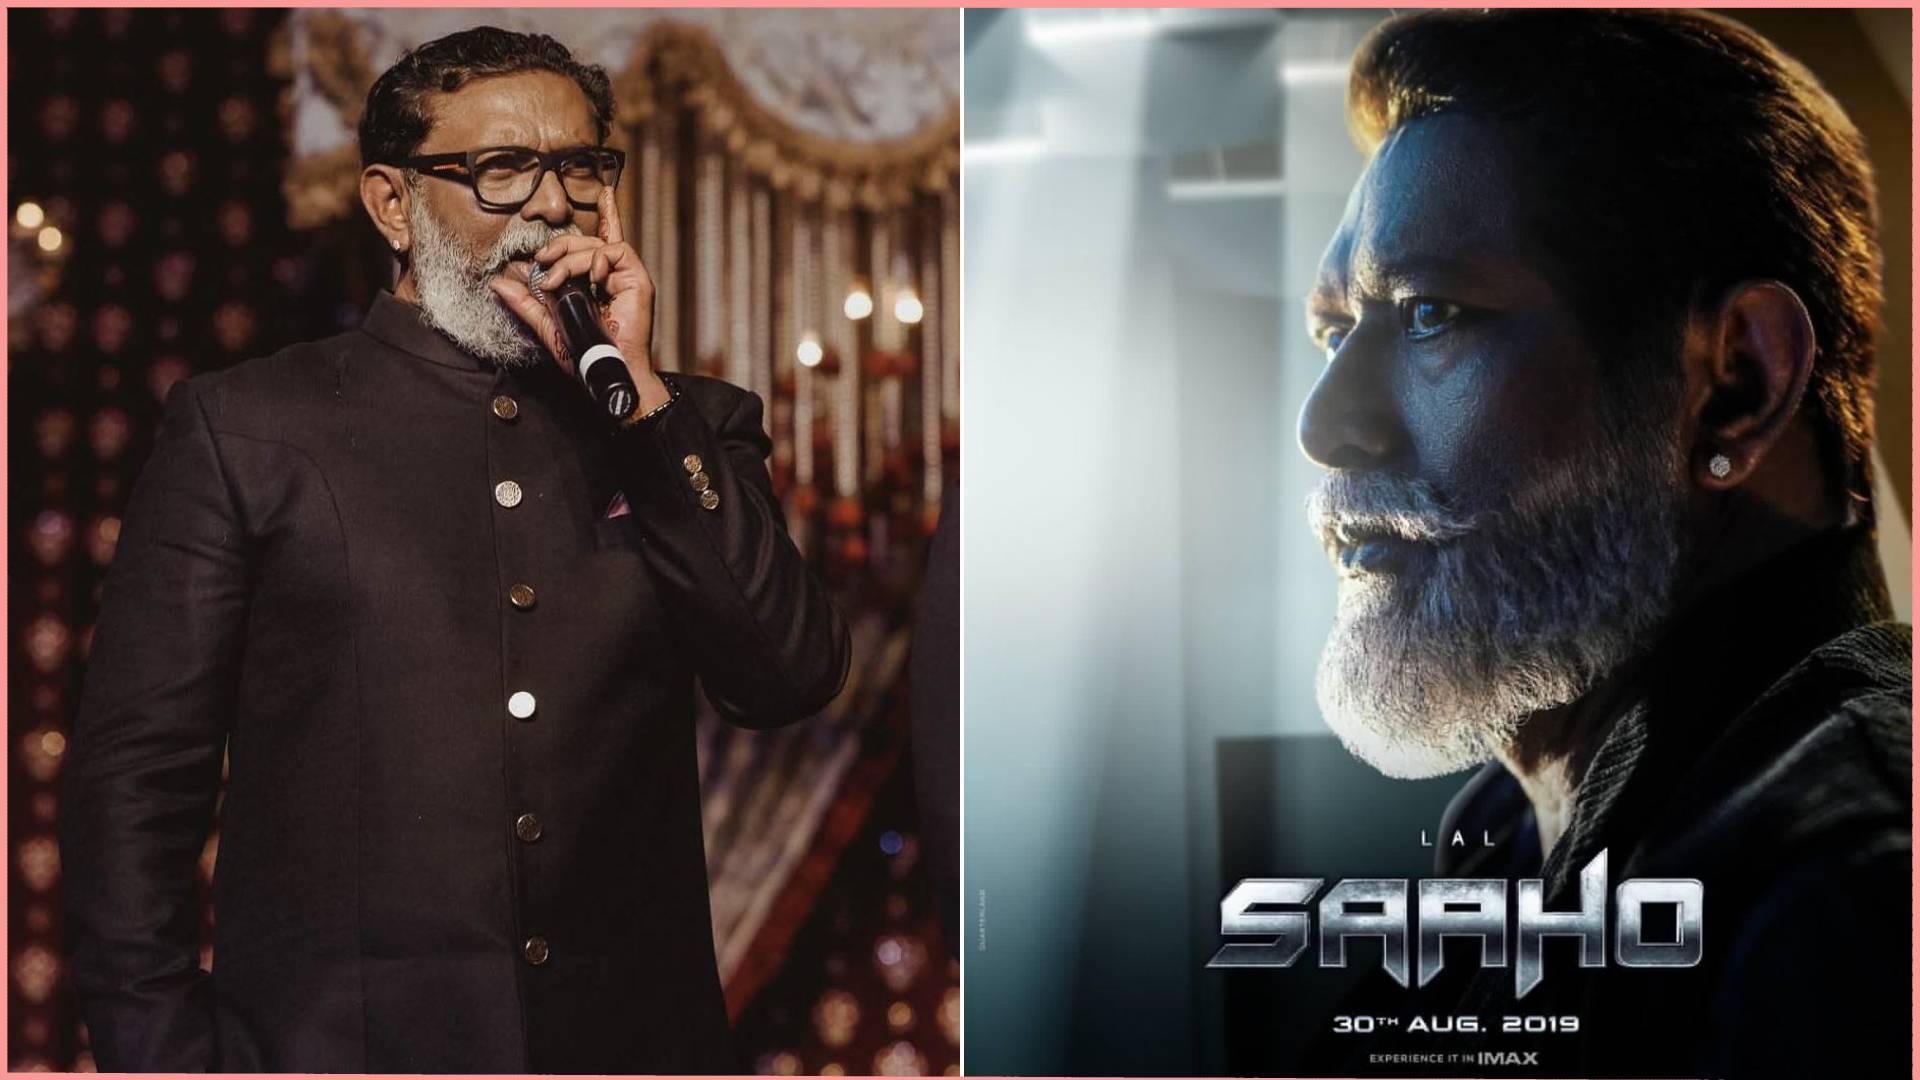 Saaho Poster: रौद्र रूप, लाल आंखें, माथे पर सिलवटें, कुछ इस रूप में नजर आए साहो के ये एक्टर, देखिए नया पोस्टर